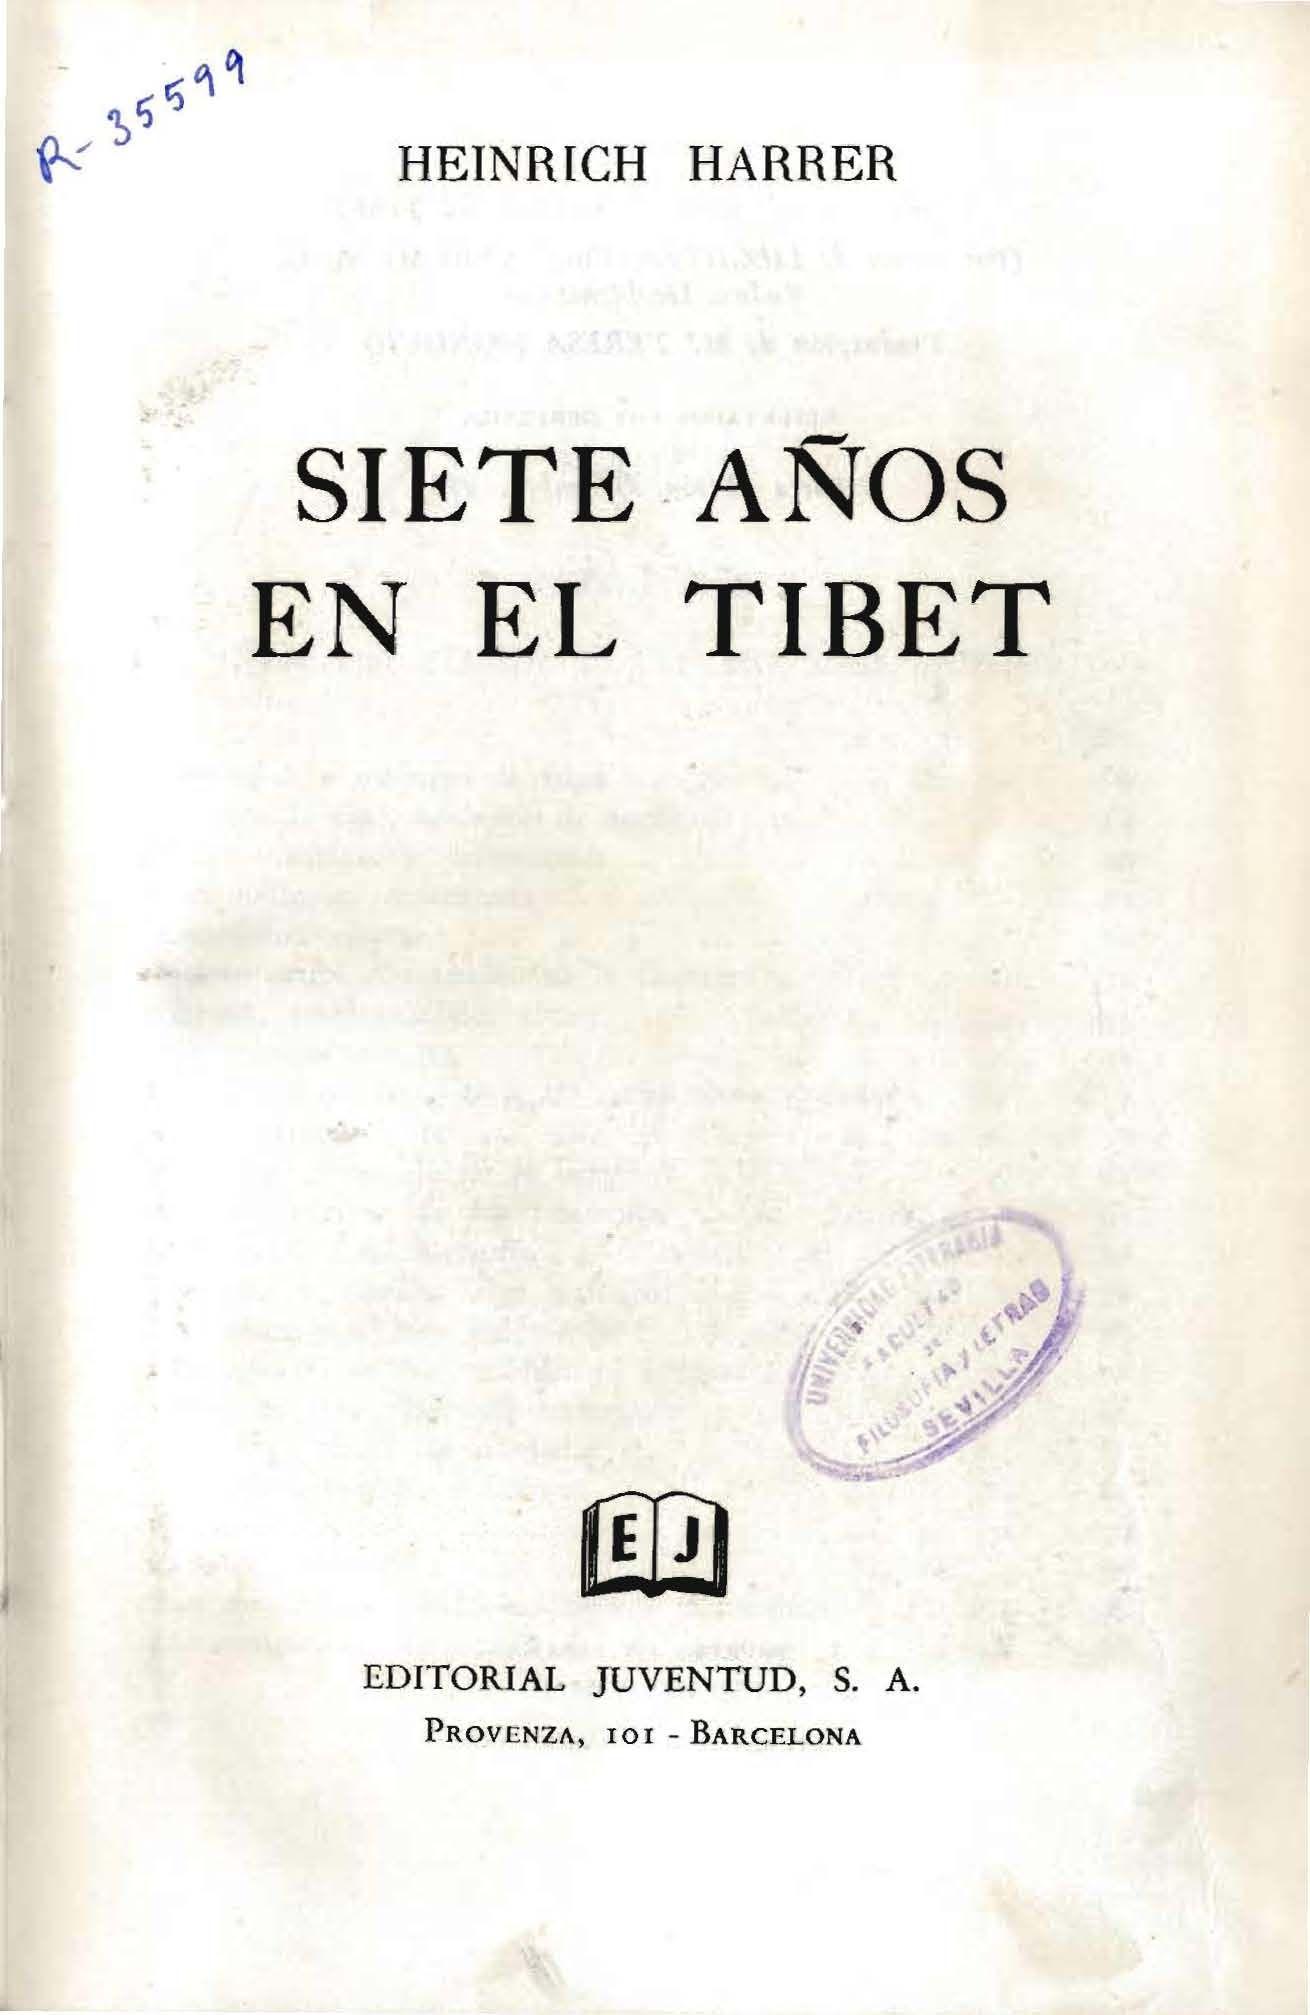 Siete Años En El Tibet Heinrich Harrer Http Fama Us Es Record B1170699 S16 Spi Libros De Viajes Siete Años En El Tibet Tíbet